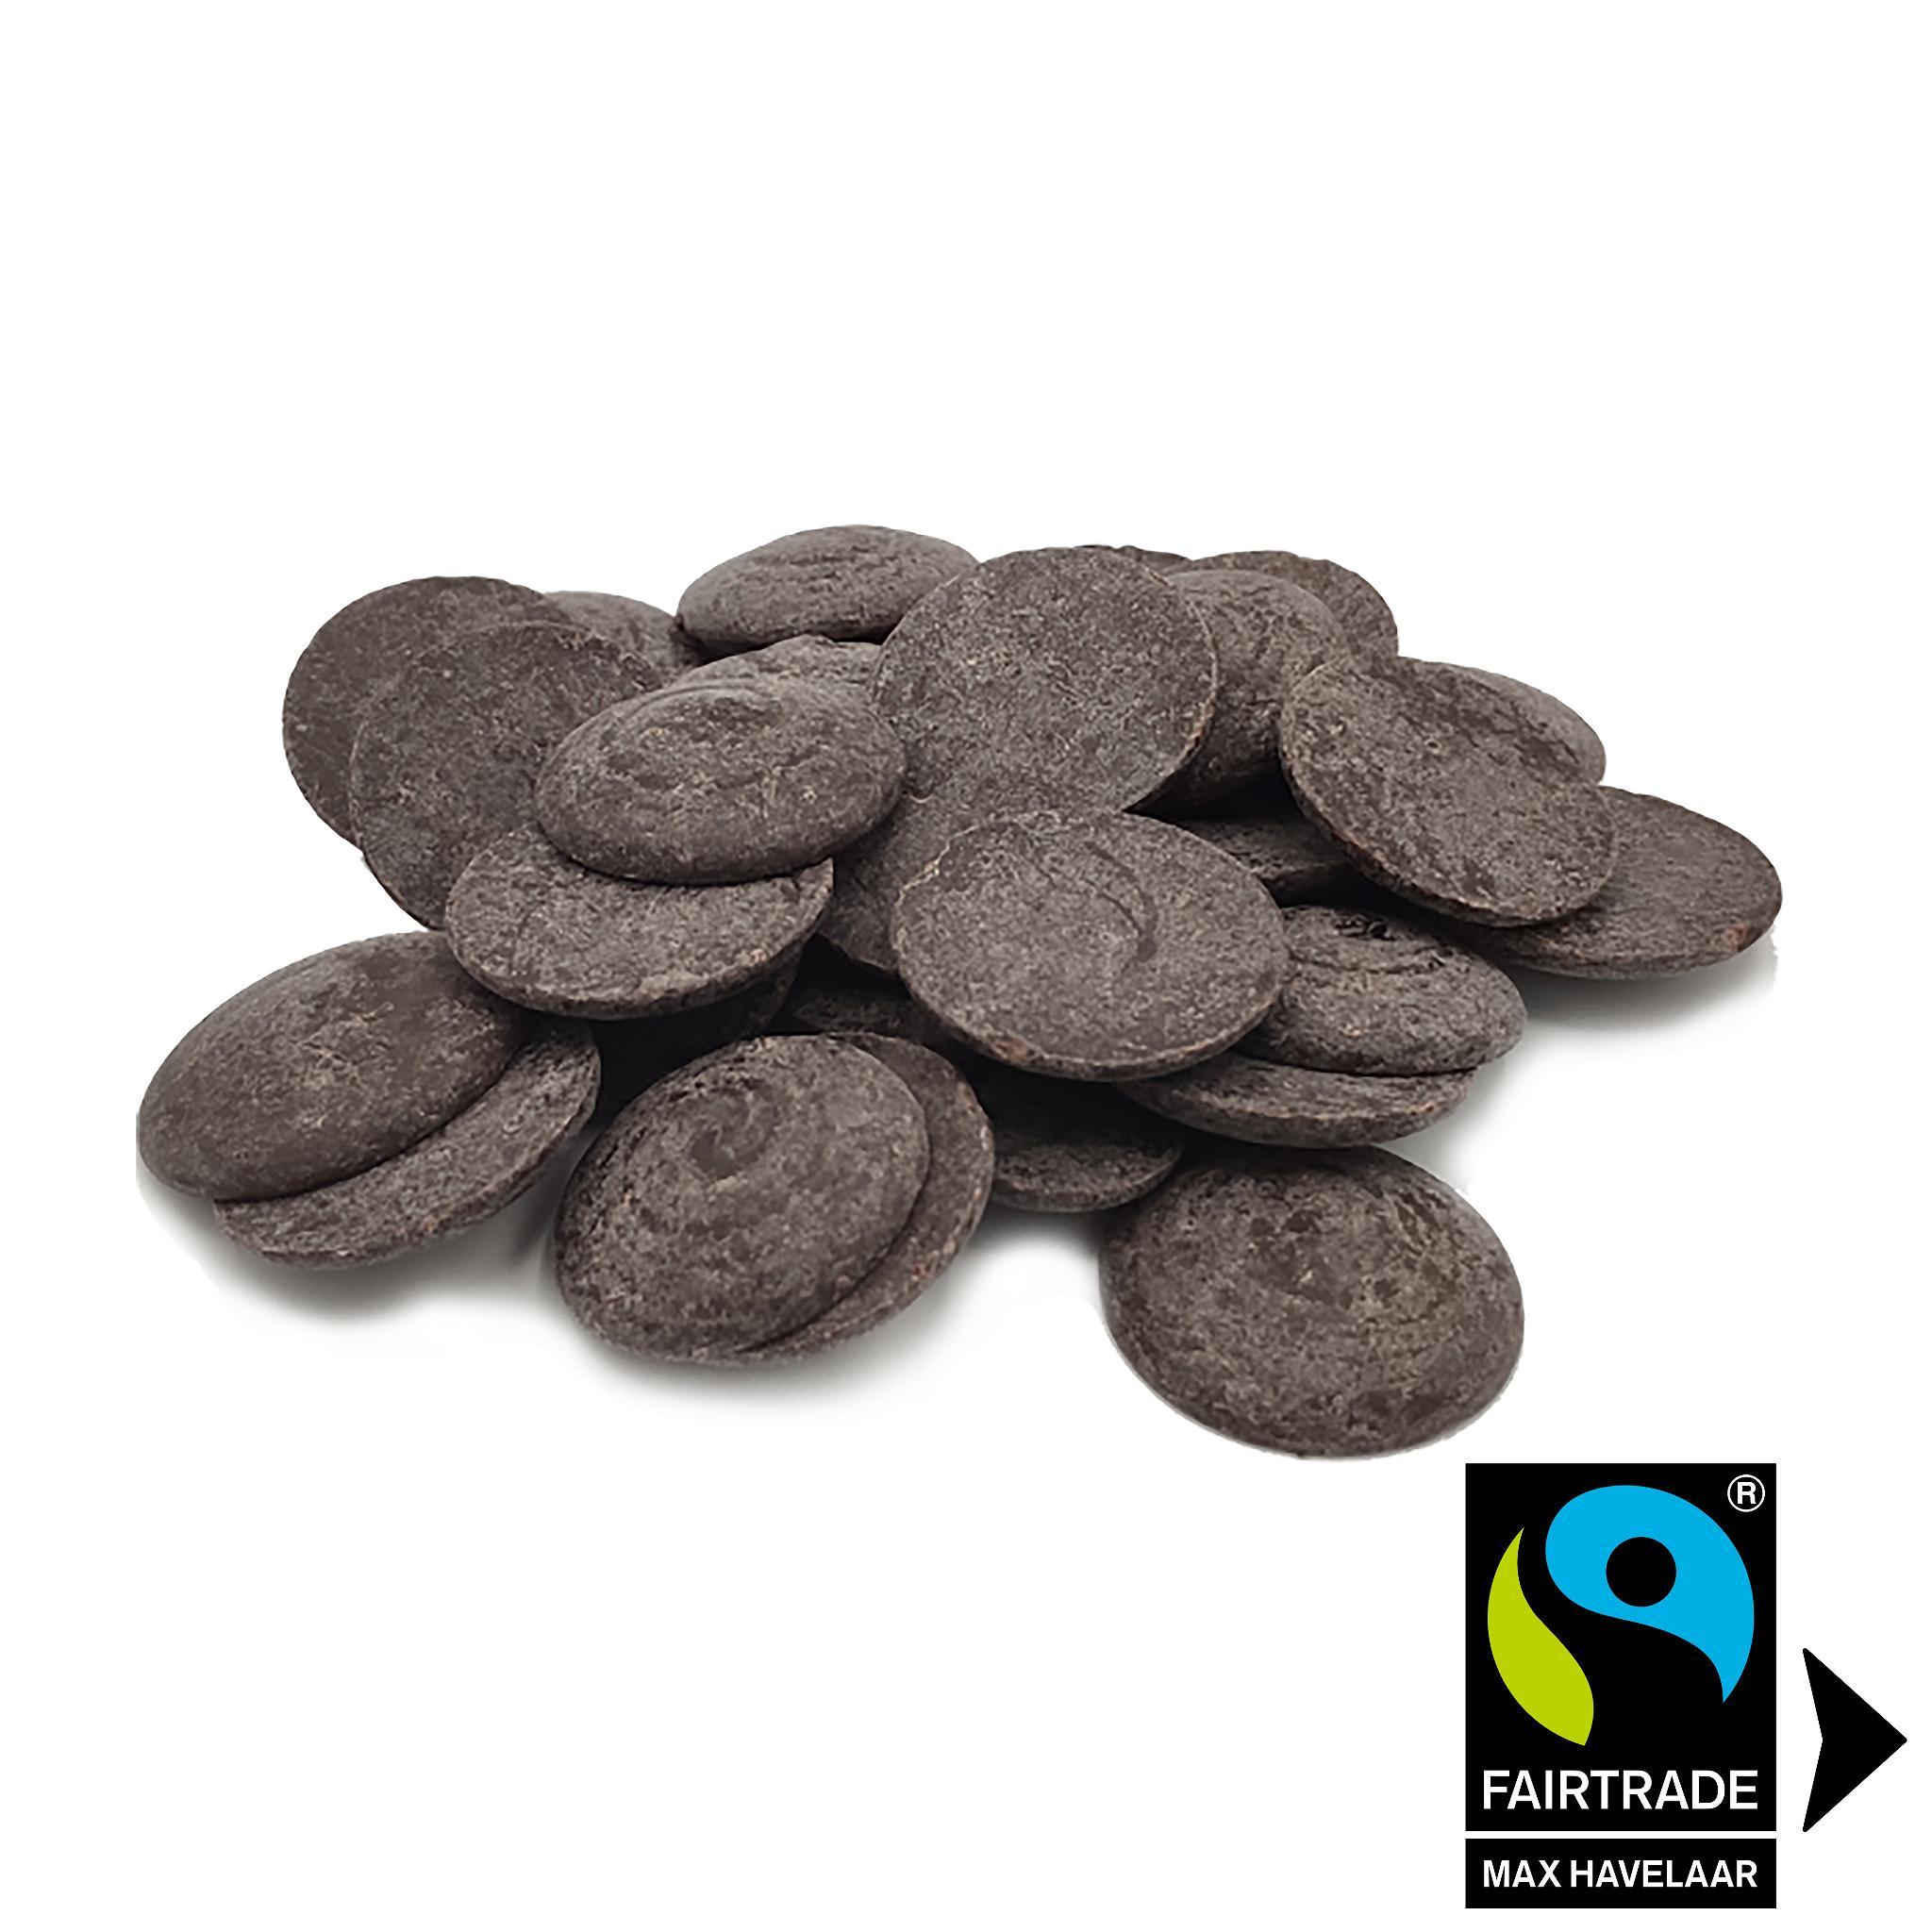 img-la-fourche-palet-de-chocolat-noir-bio-et-equitable-en-vrac-500g